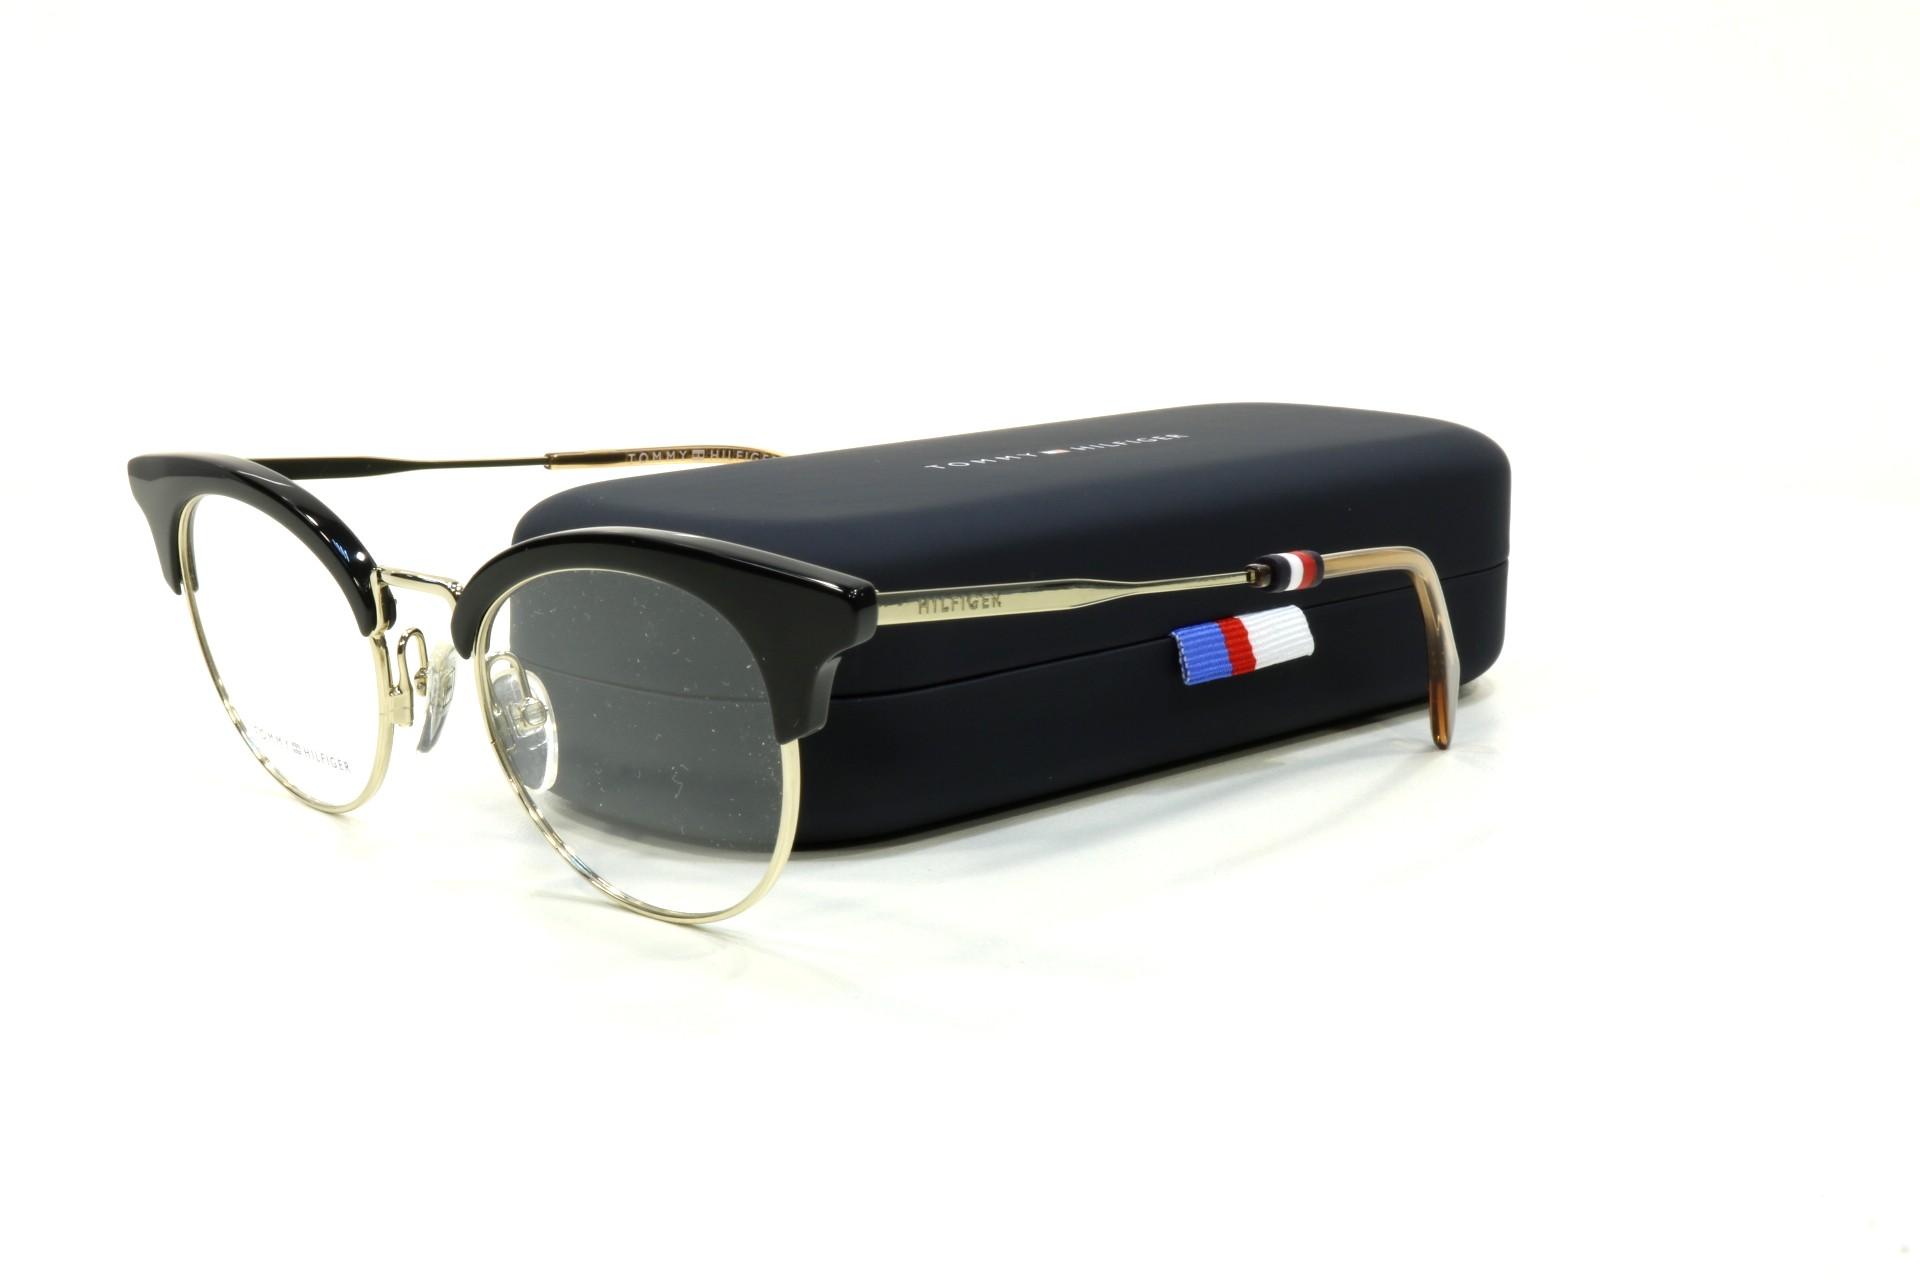 Медицинские очки Tommy Hilfiger 1540 807 49 20 - купить по низкой цене в  интернет-магазине Линзмастер. 44638a4f301